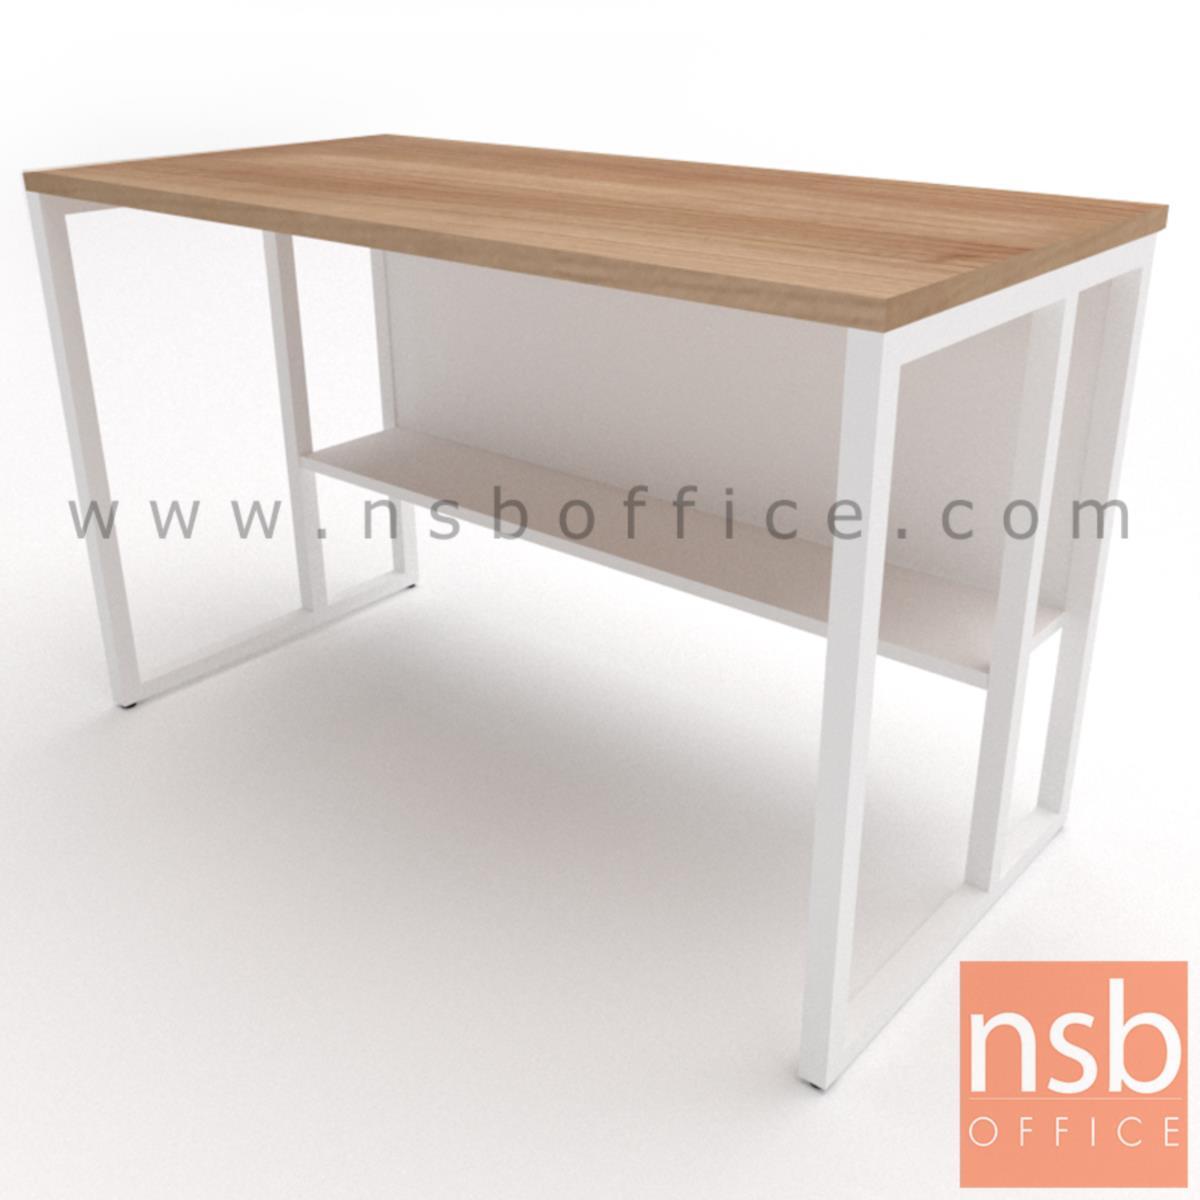 A10A085:โต๊ะทำงานโล่งทรงสีเหลี่ยม รุ่น Lavina (ลาวิน่า) ขนาด 80W ,120W ,135W, 150W ,160W ,180W cm. ขาเหล็กกล่อง